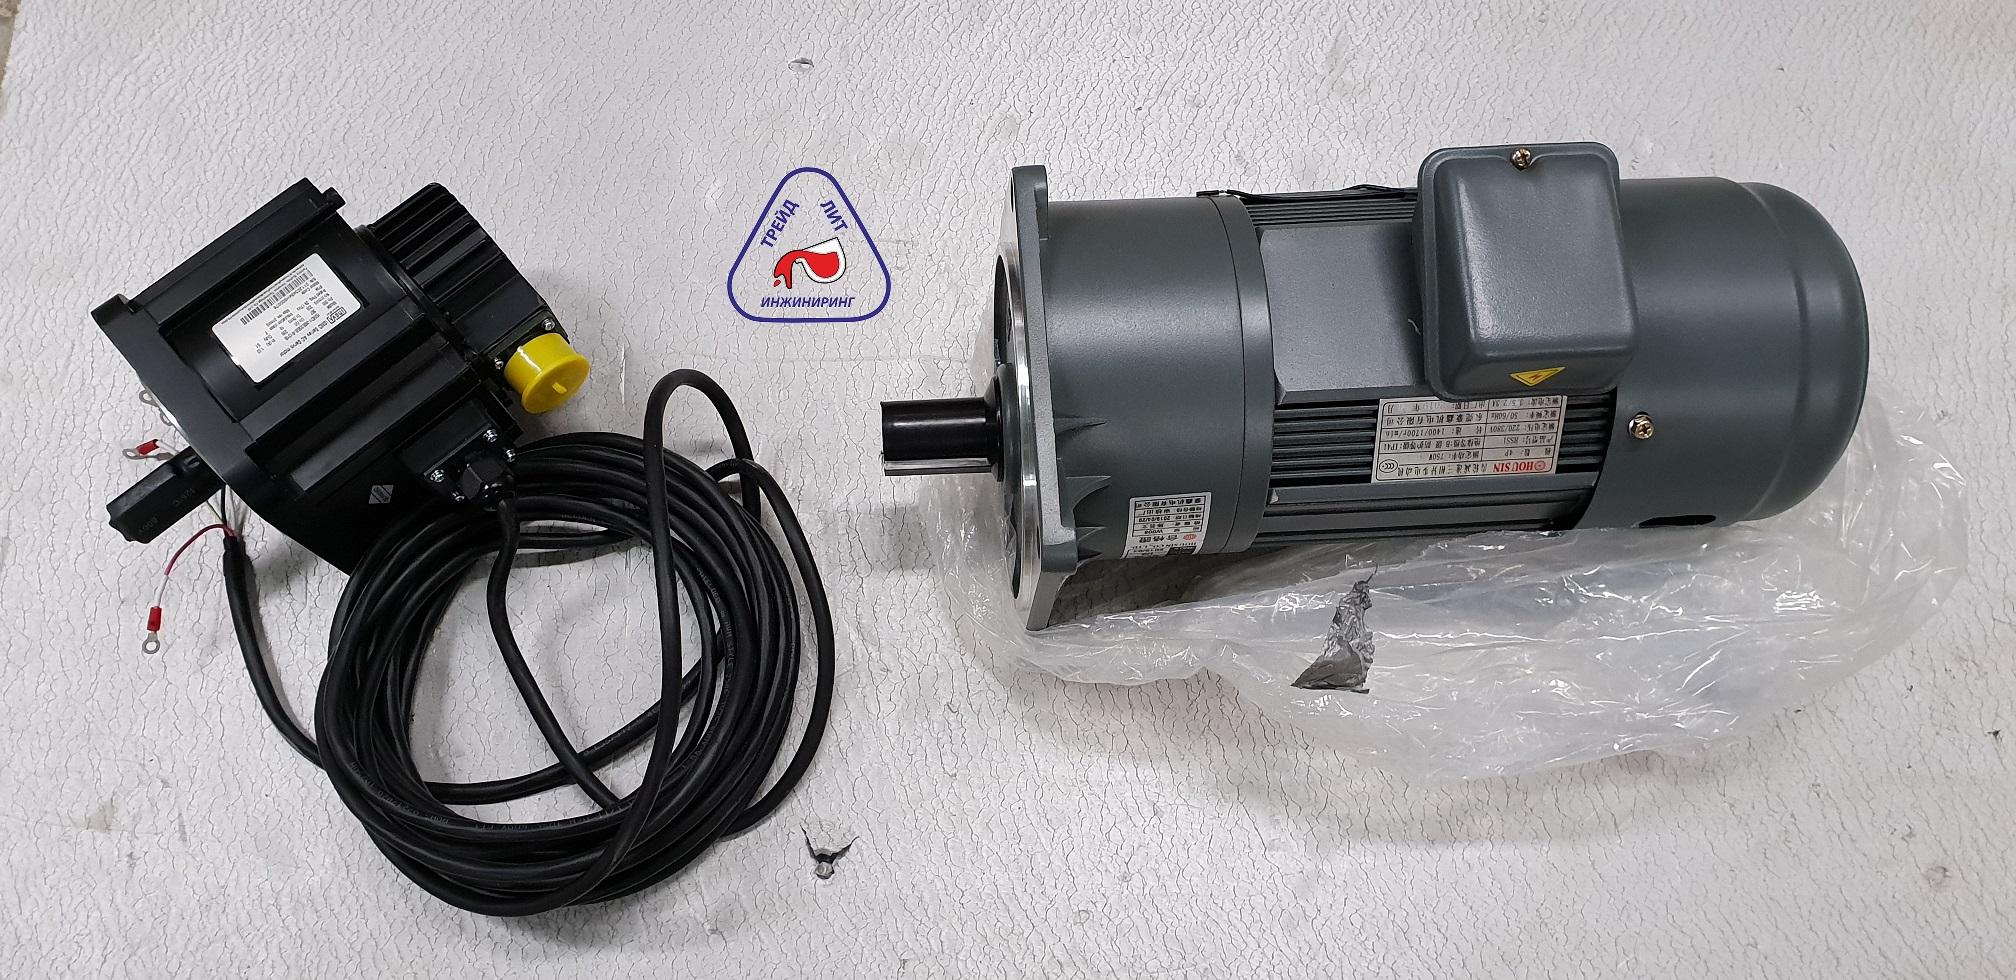 Серводвигатель привода автоматической двери машины литья под давлением MS300 и электродвигатель с тормозом для привода руки манипулятора-заливщика.